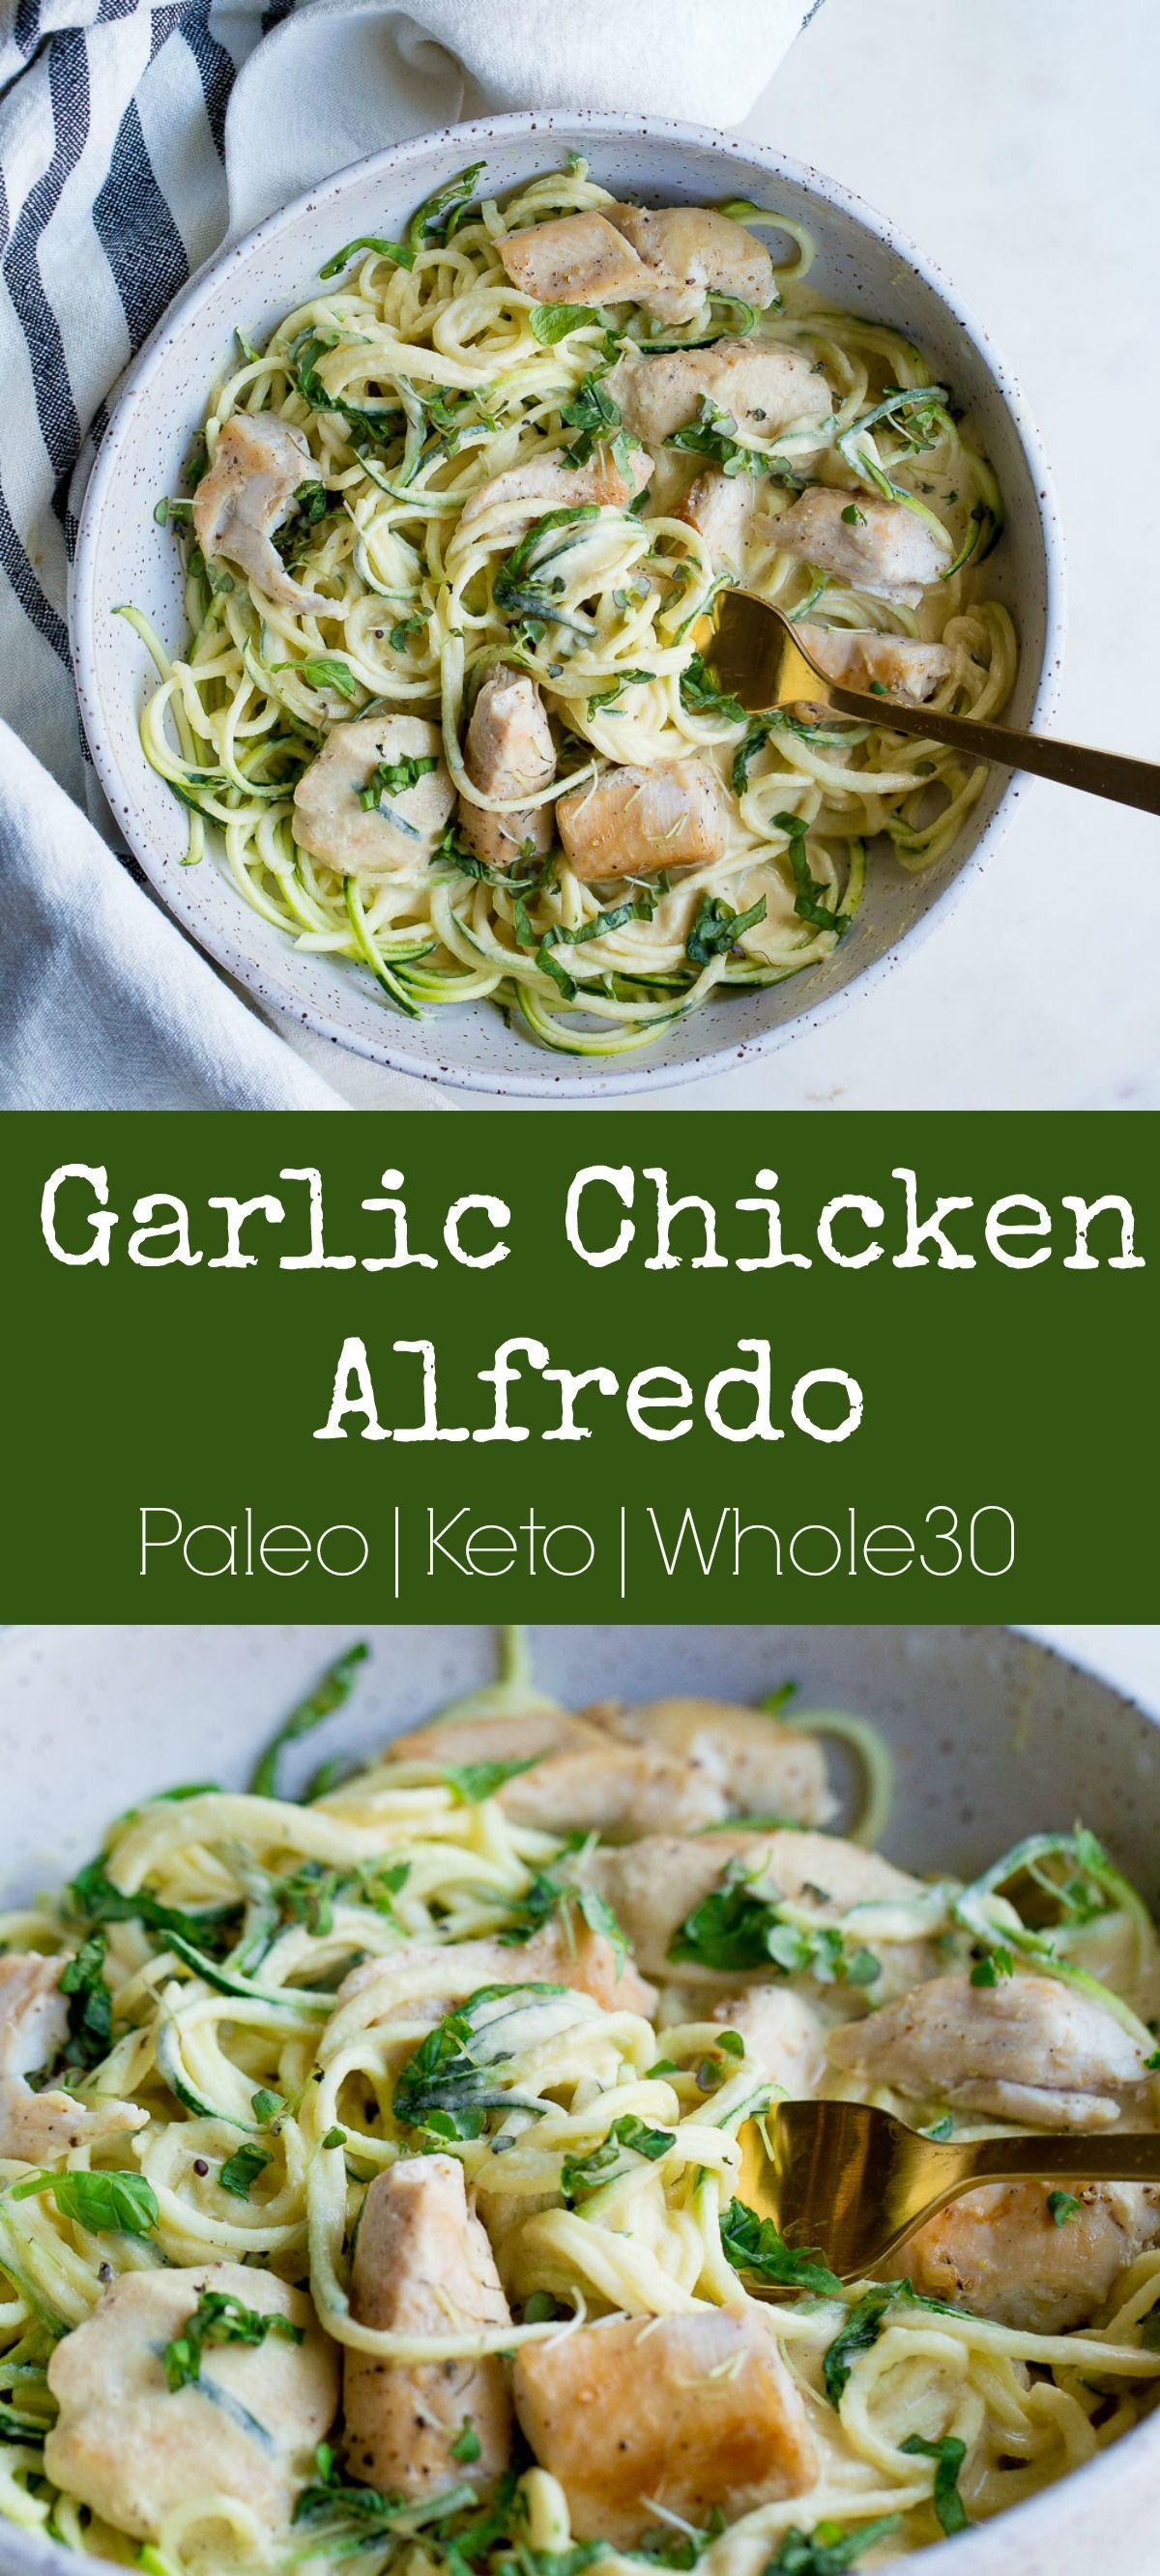 Paleo Garlic Chicken Alfredo - You'll love this dairy-free, lightened up variation of Chicken Al